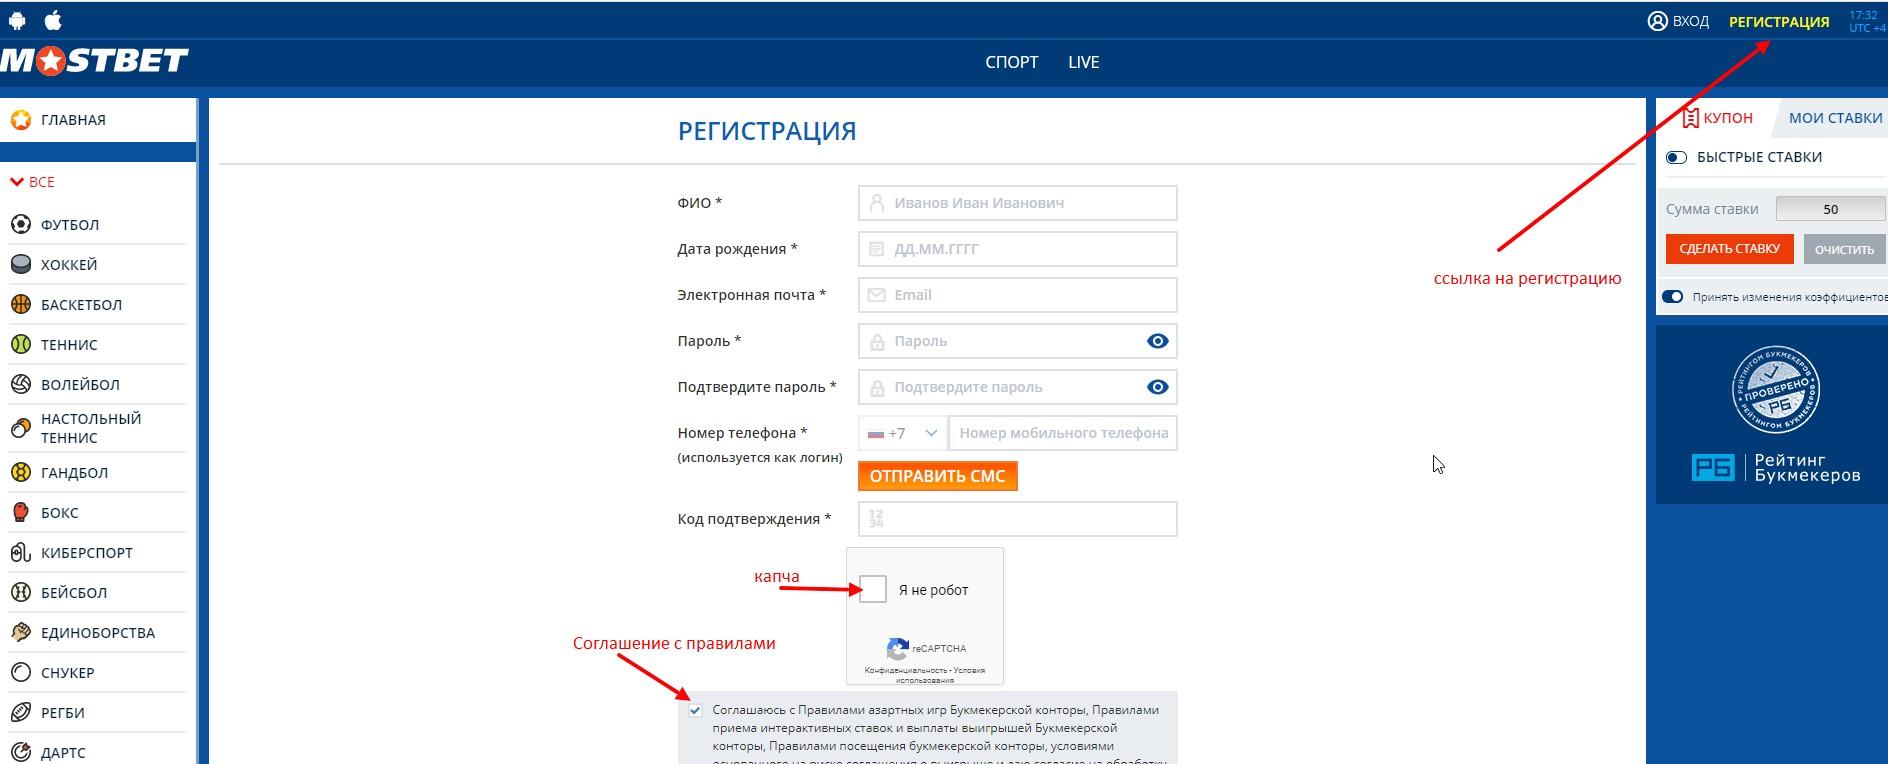 мостбет регистрация rus